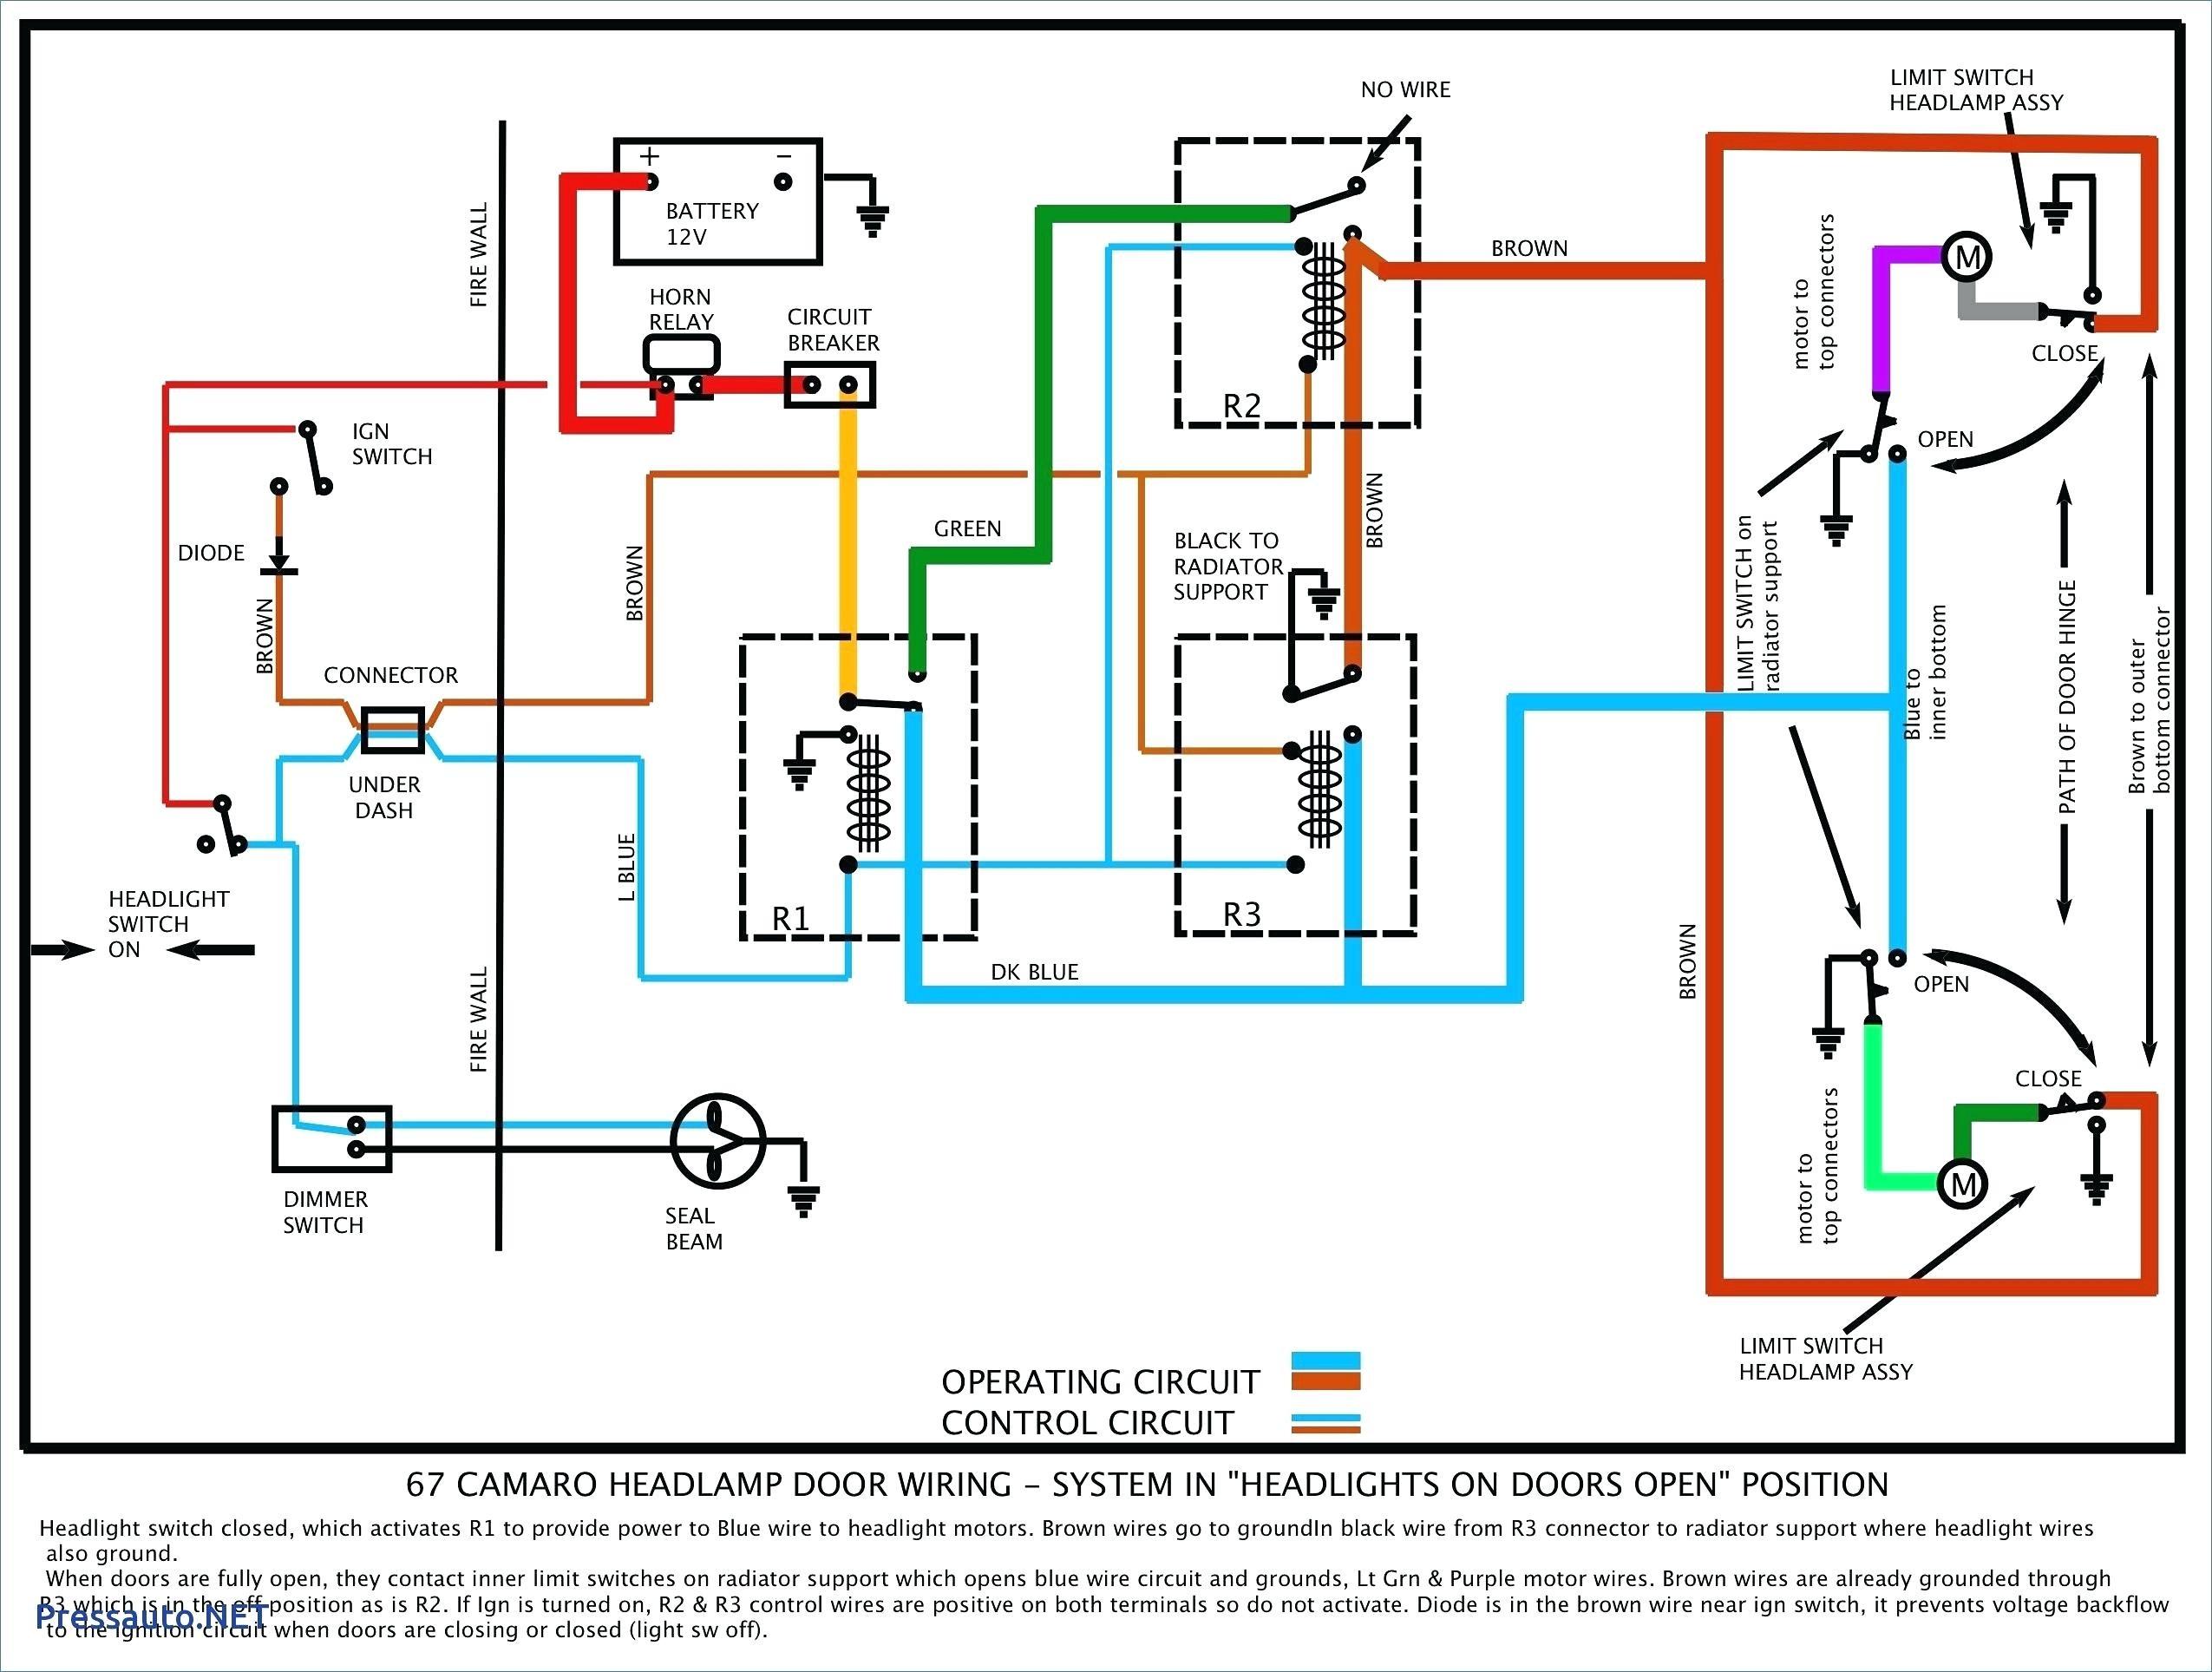 Lutron Maestro Wiring Diagram Erfreut Lutron Maestro Dimmer Schaltplan Zeitgenössisch Of Lutron Maestro Wiring Diagram